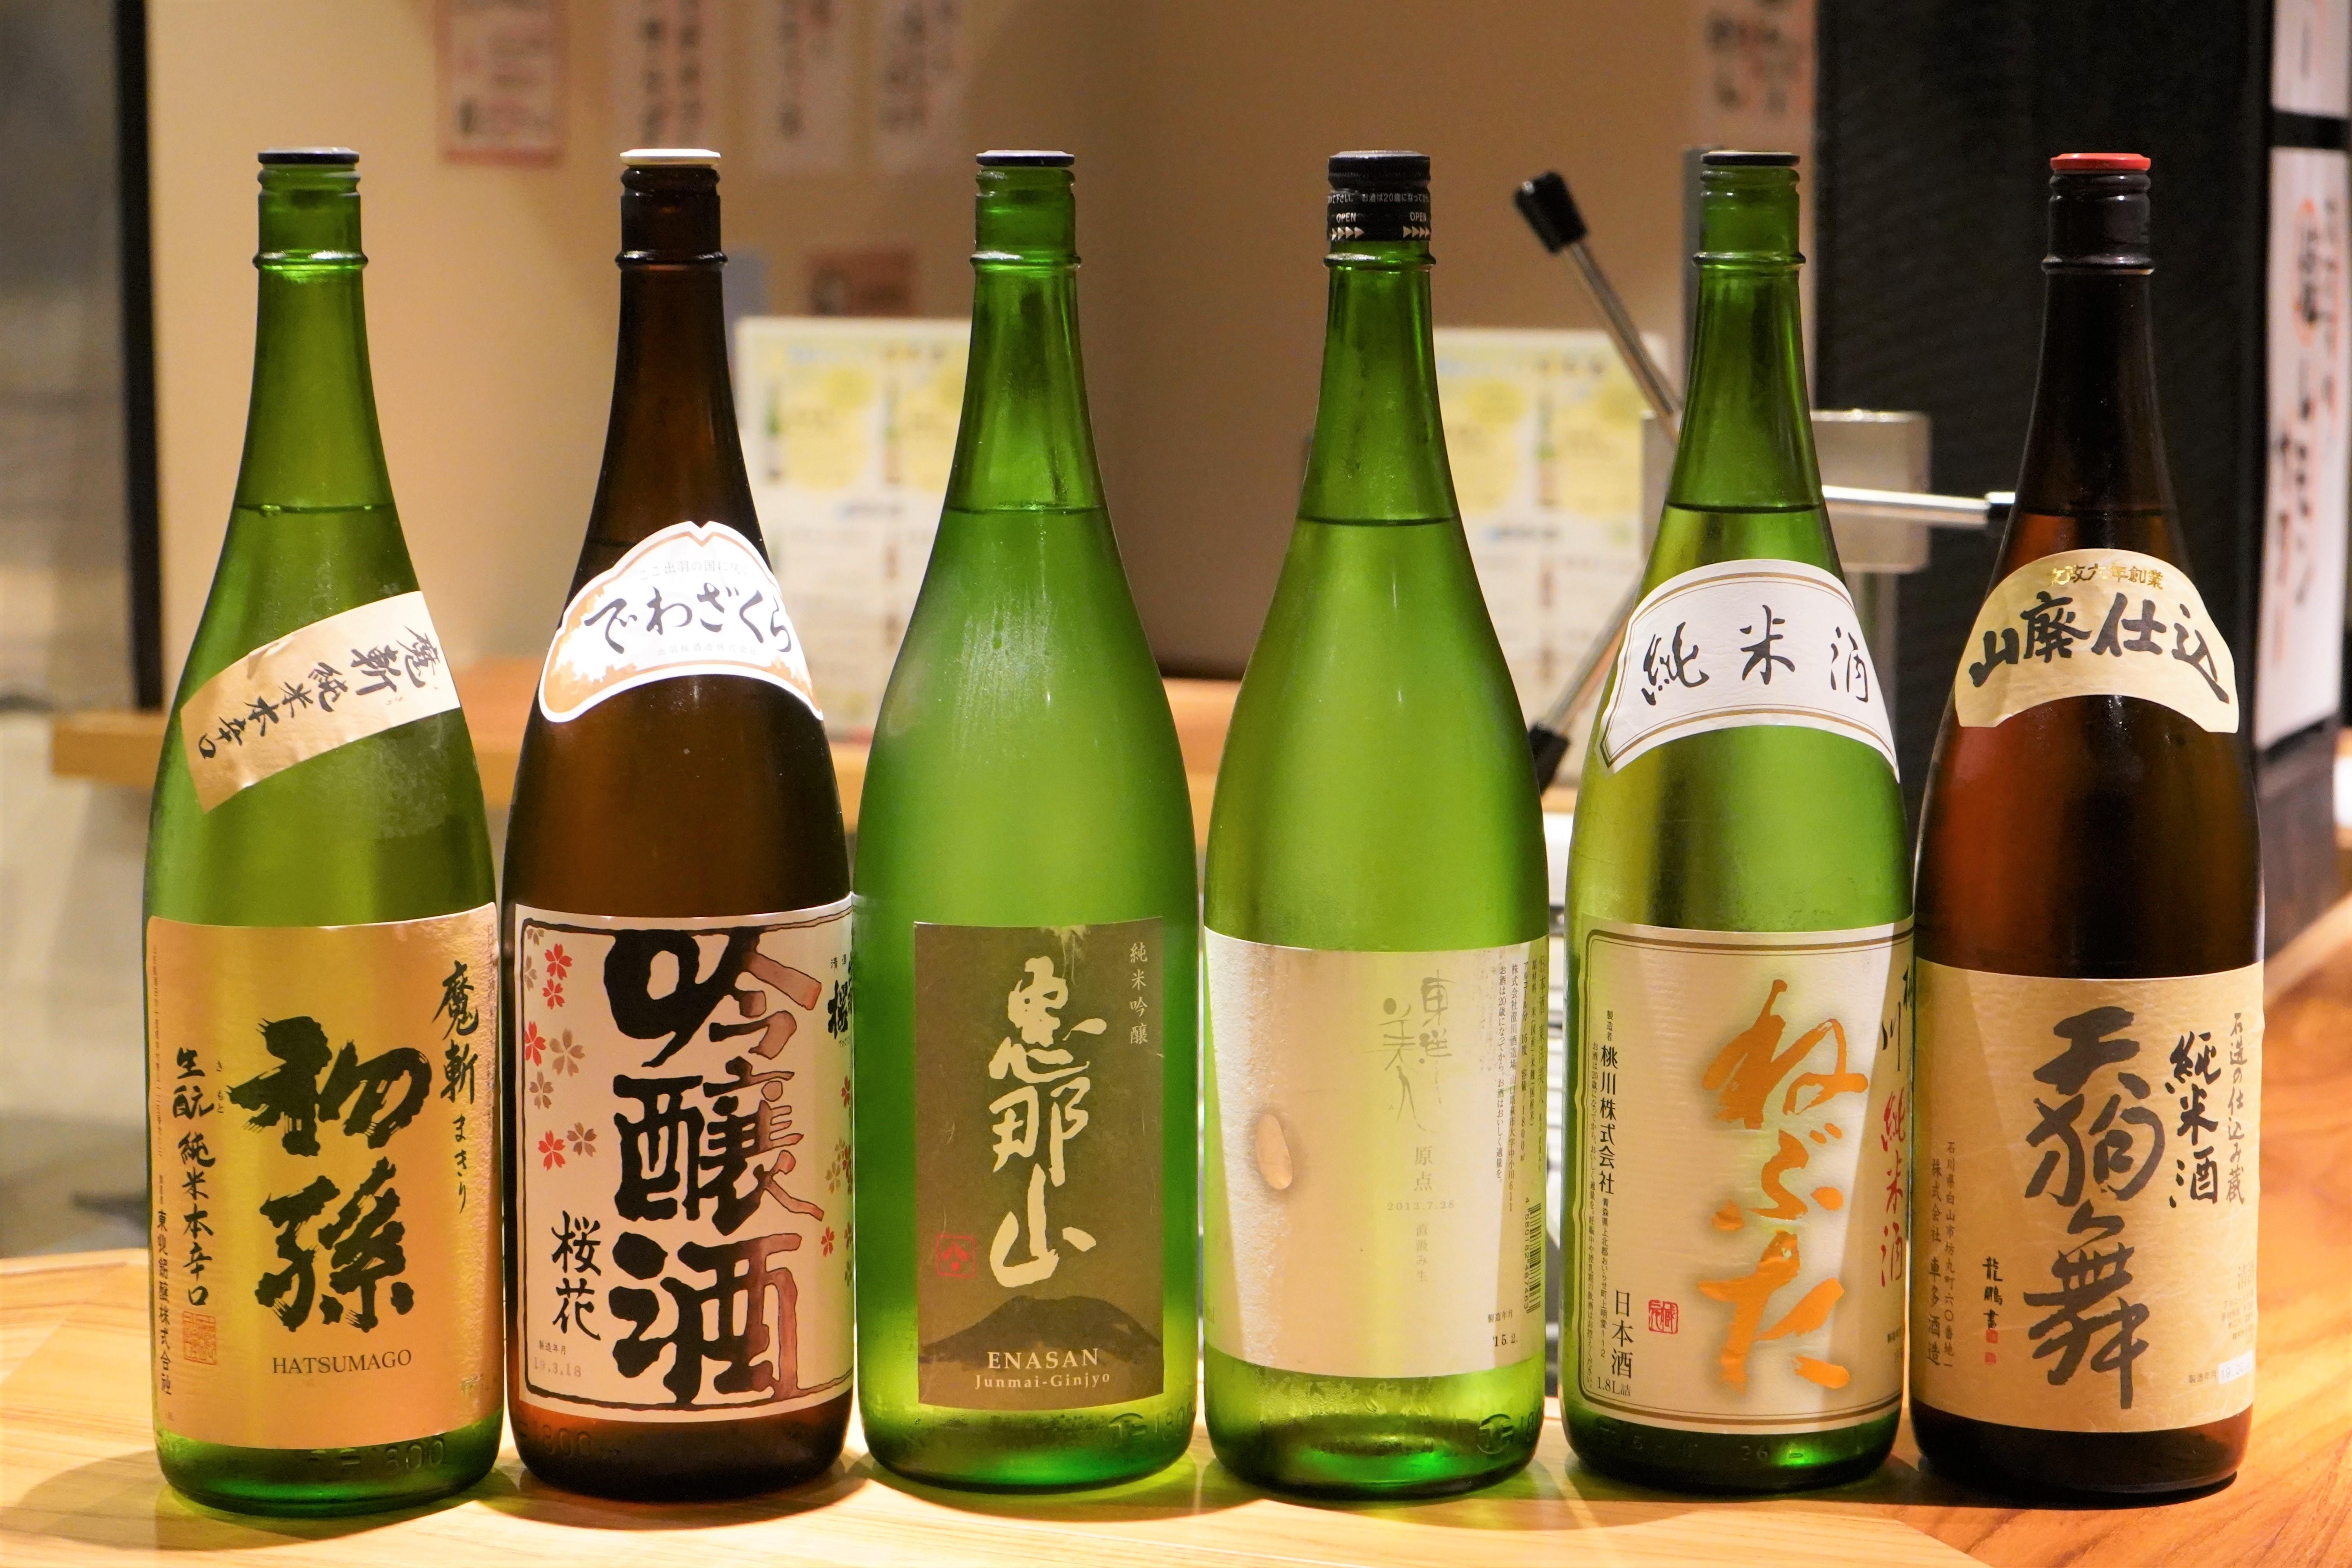 炉端料理と厳選日本酒の「べこや 本山店」が7月20日オープン! - DSC09196 1